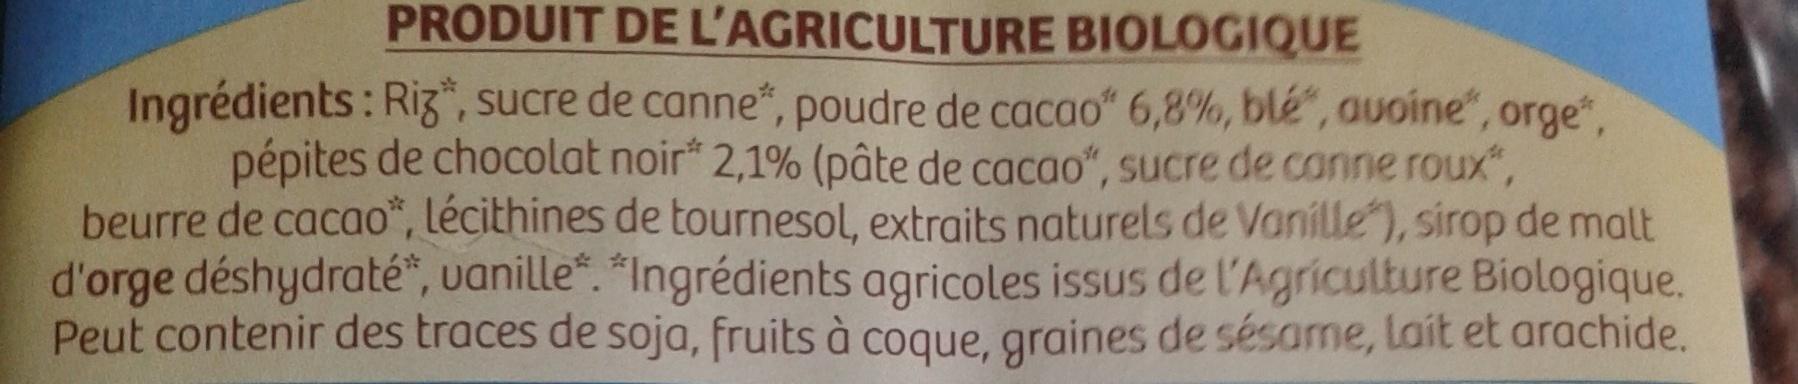 Céréales soufflées au chocolat - Ingrédients - fr